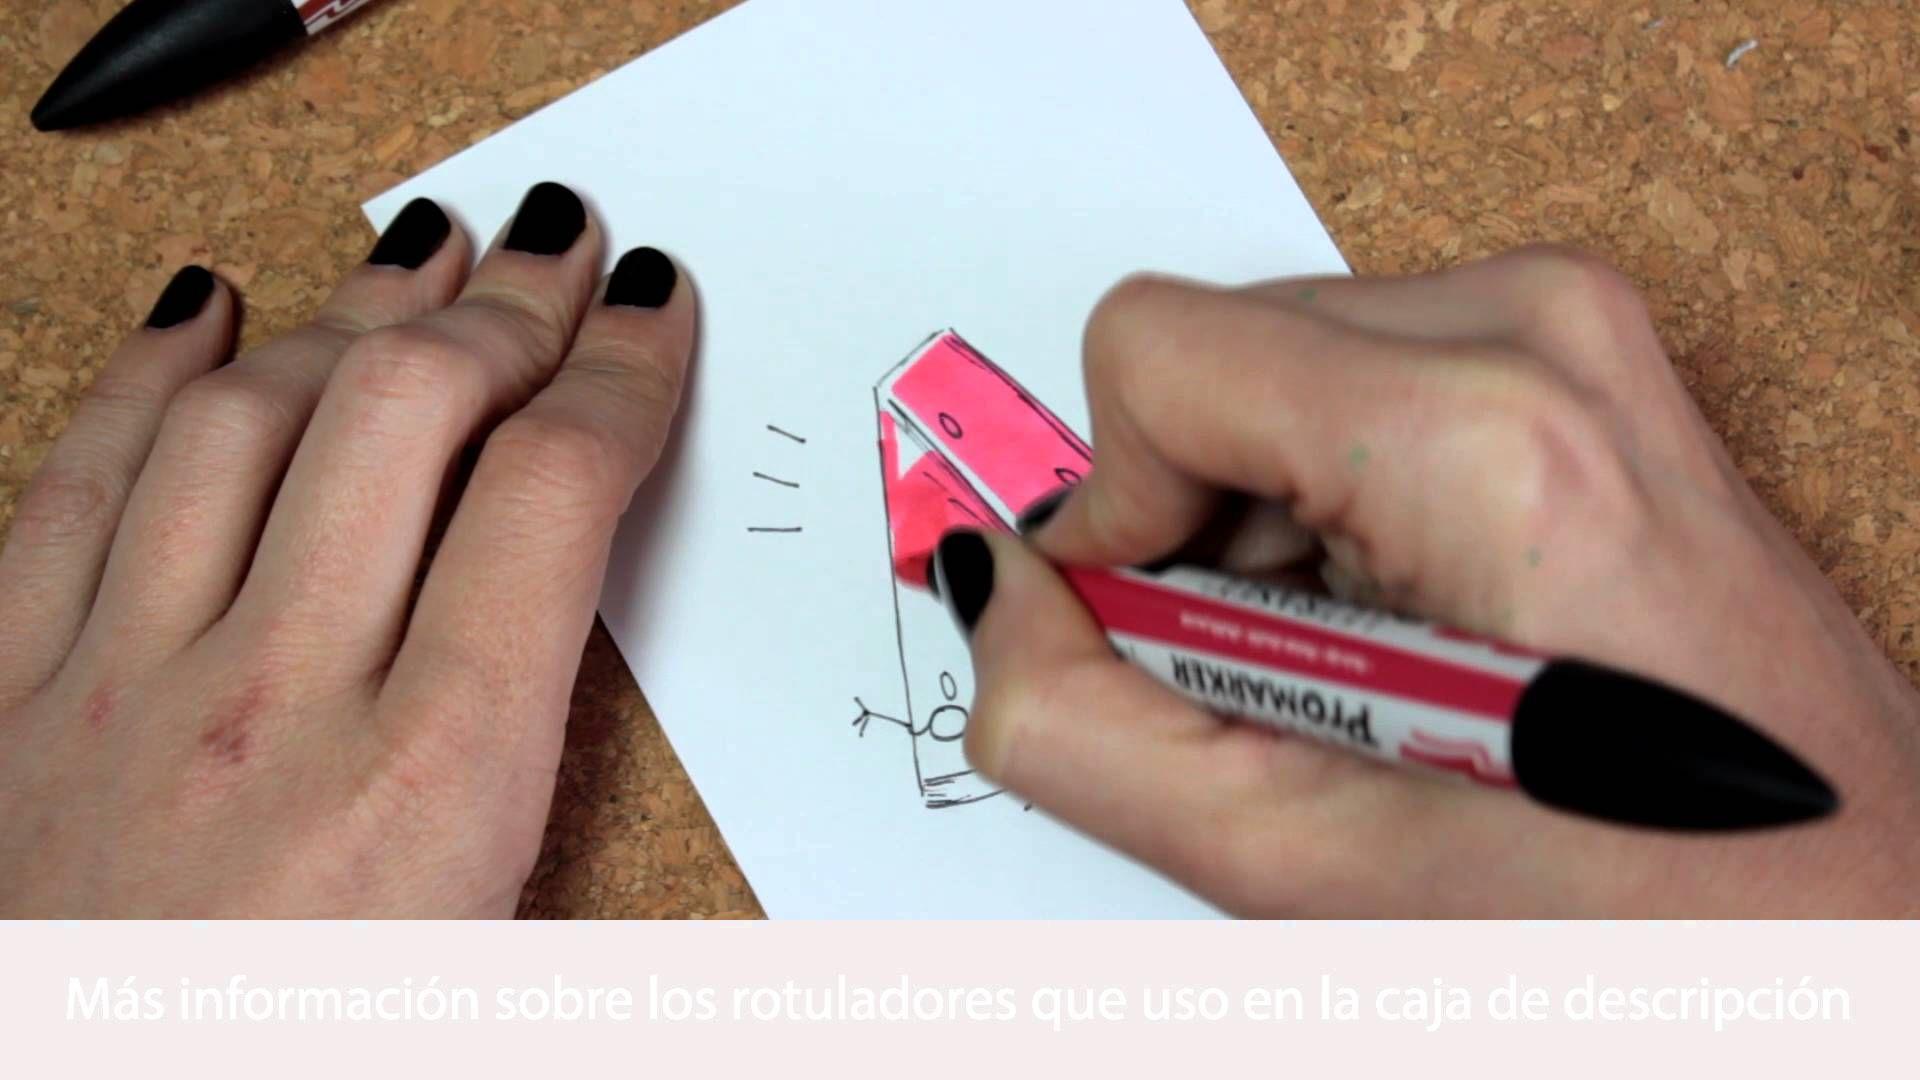 Dibujos Uas Trendy Affordable Decoracion De Uas Mariposas En Uas